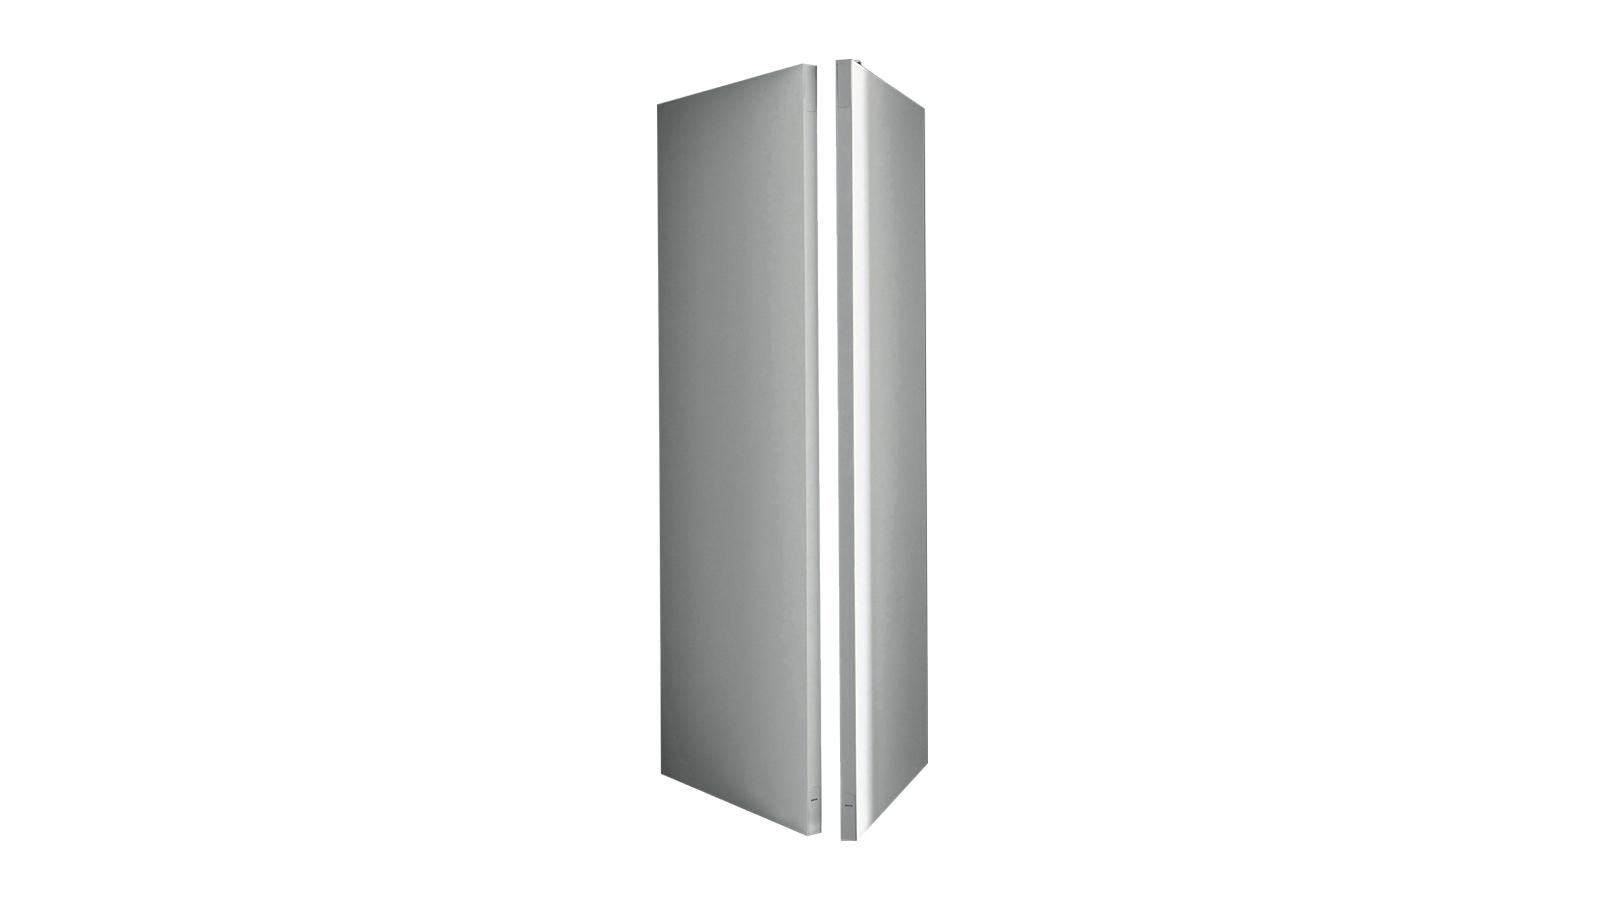 A Pivot rendszerrel a tér tökéletes flexibilitását valósíthatjuk meg – ezek a gigantikus ajtók ugyanis inkább mobil falszárnyak, melyek egy fix pont körül szabadon mozgathatók. Segítségükkel elrejthető a gardrób, a könyvespolc, vagy akár szeparálható velük a tér egy nagyobb része is. A rendszert, mely fix és ajtóként funkcionáló elemekből, tetszőlegesen összeállítható, a Decoma Design tervezte.